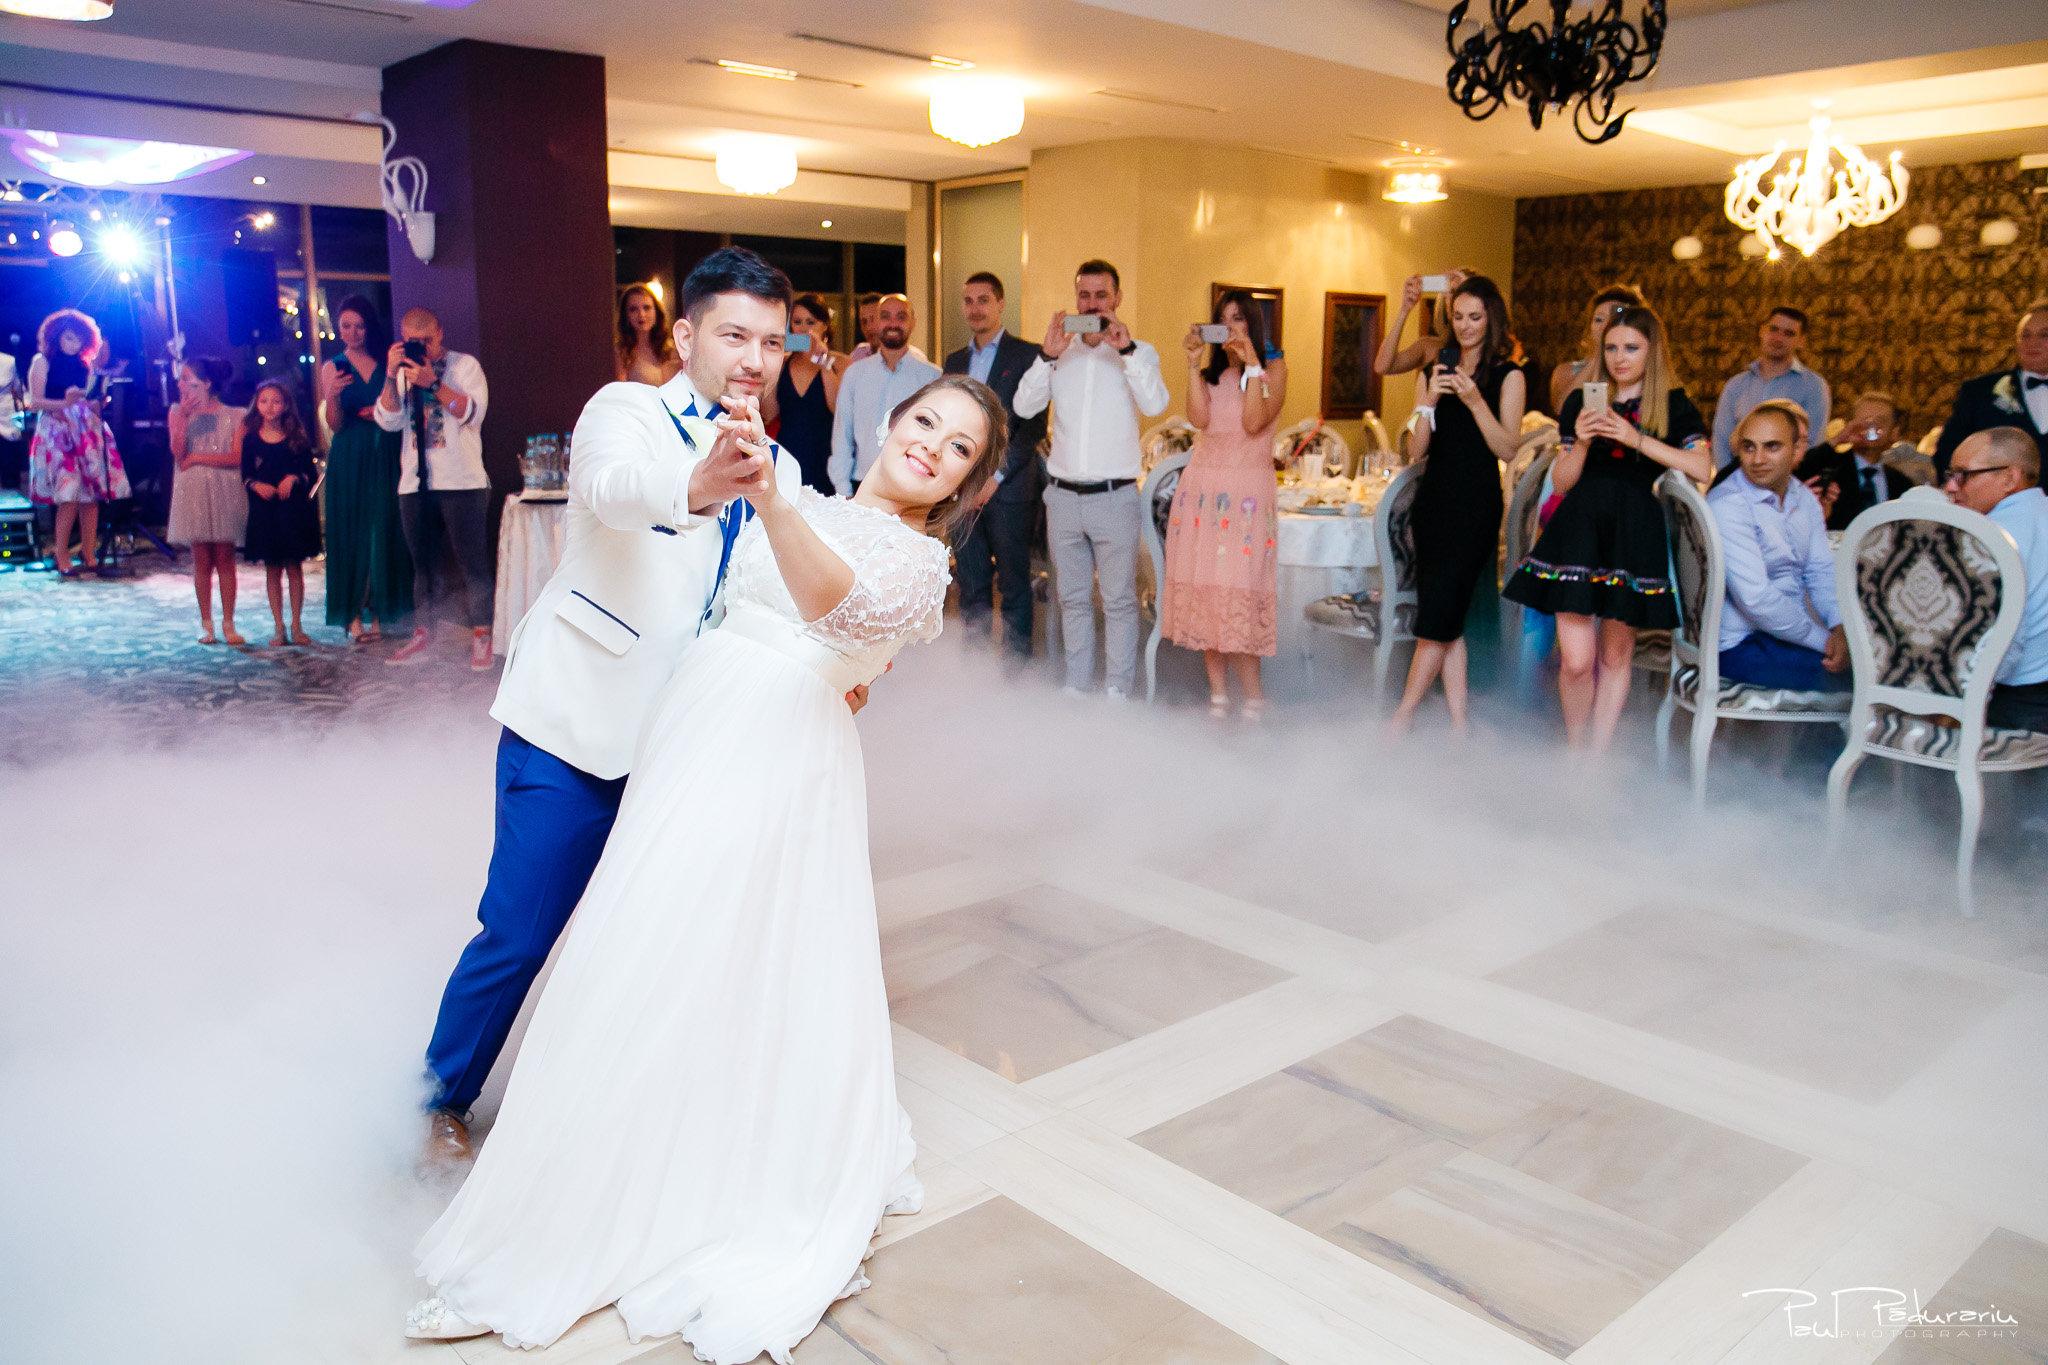 Petrecere la Pleaiada nunta Ema si Tudor fotograf profesionist de nunta iasi www.paulpadurariu.ro © 2017 Paul Padurariu dansul mirilor 3